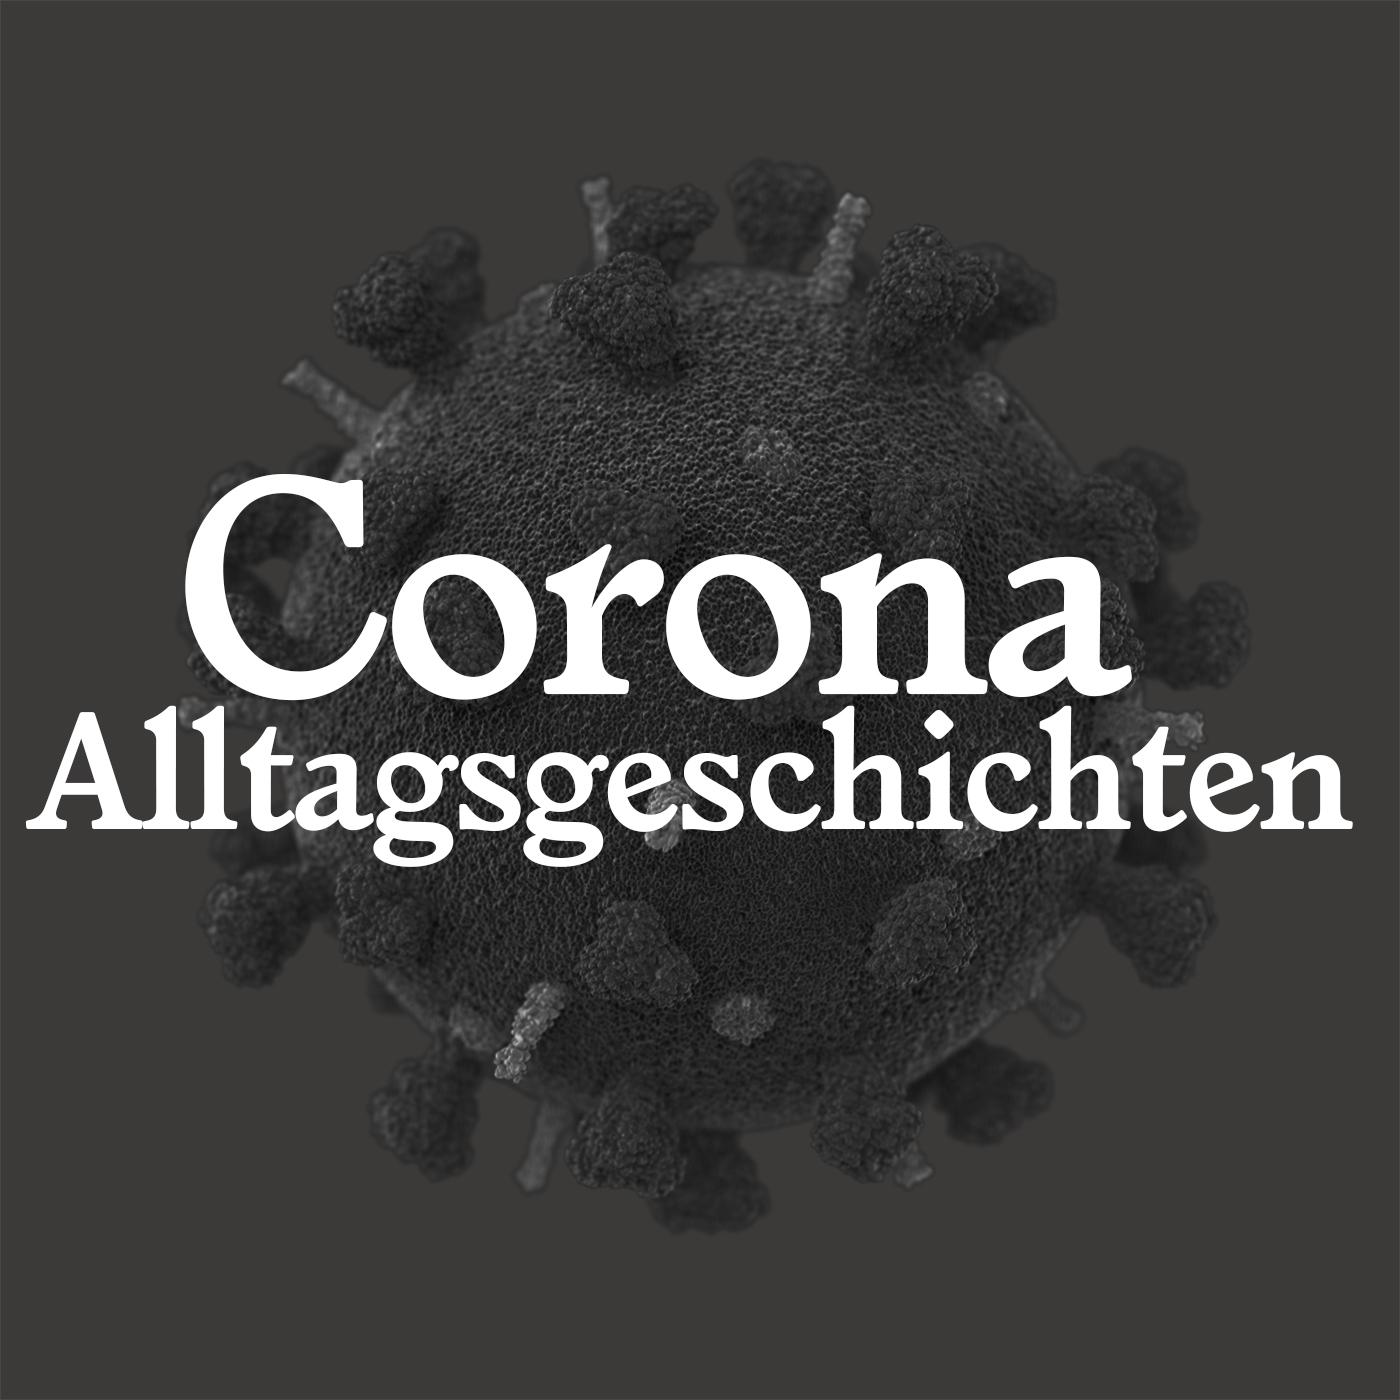 """""""Im besten Fall kostet eine Maske 25 Cent"""" – Corona-Alltagsgeschichten"""